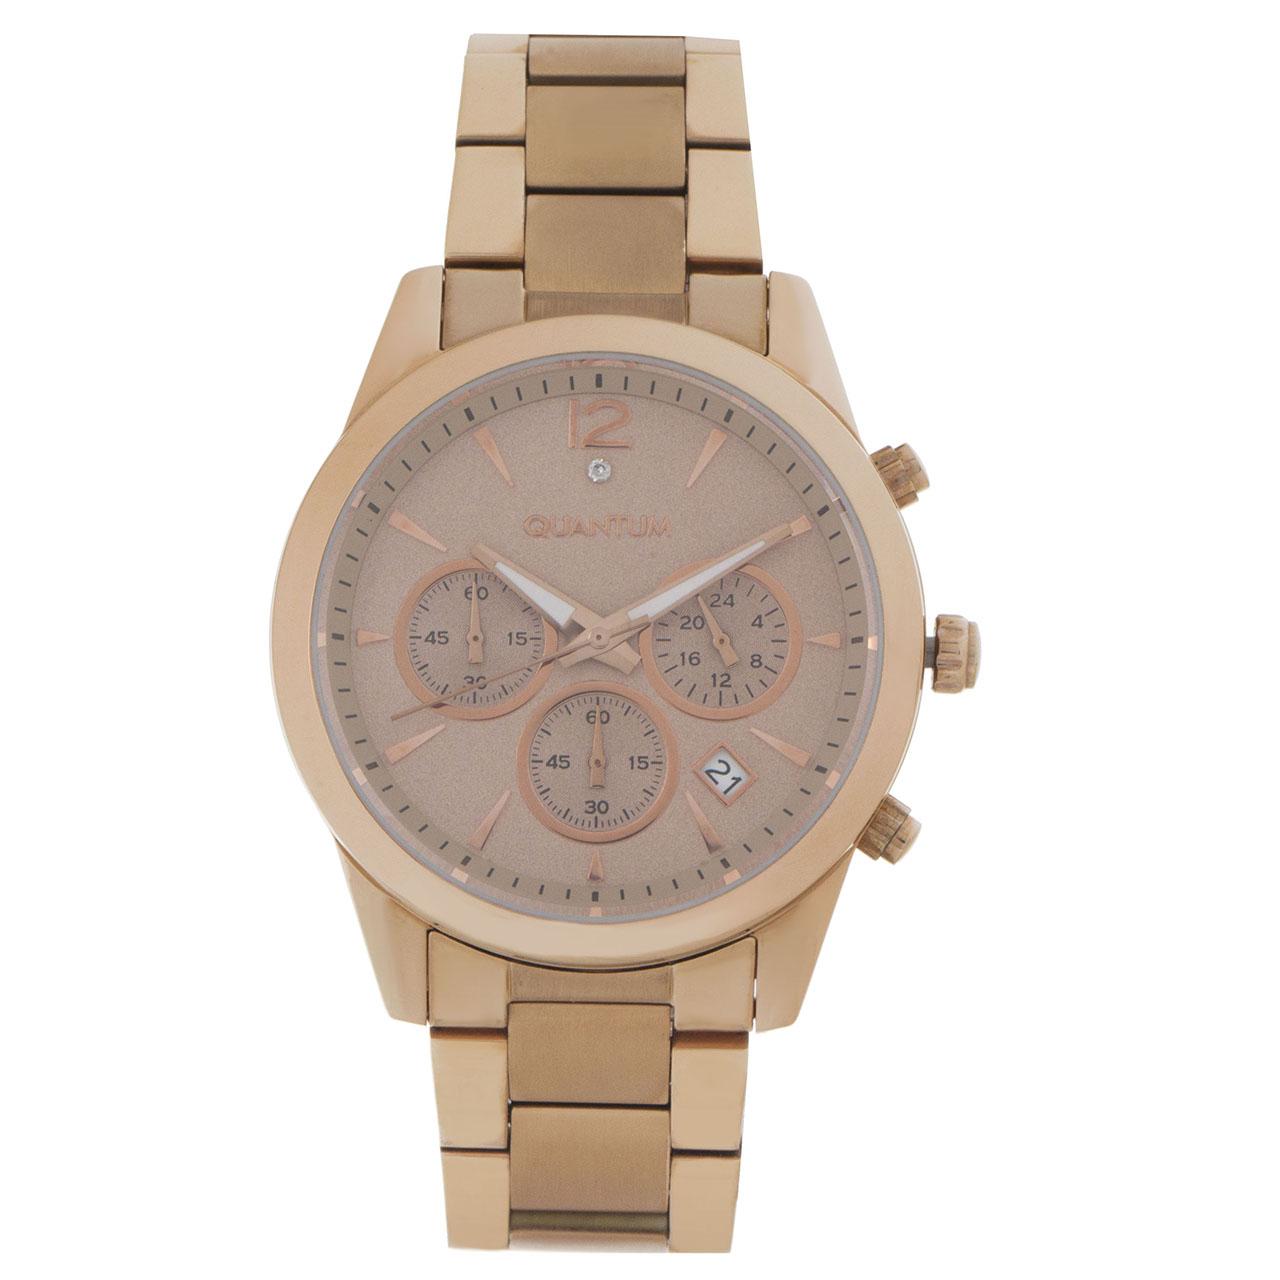 ساعت مچی عقربه ای زنانه کوانتوم مدل IML414.410